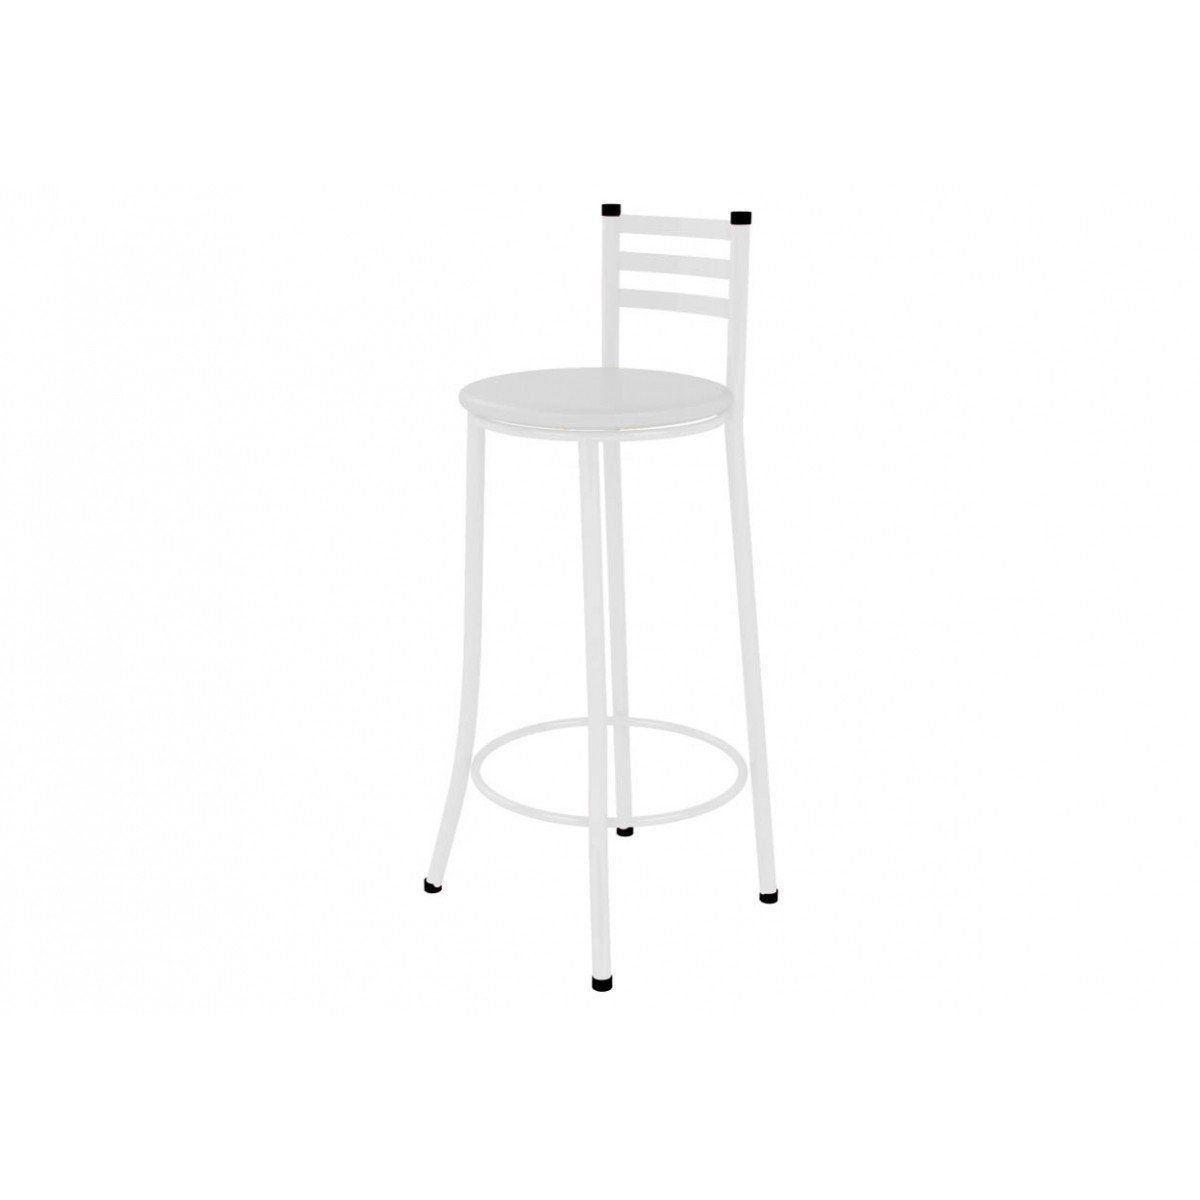 Banqueta Alta com Encosto 86 cm Branco - Marcheli